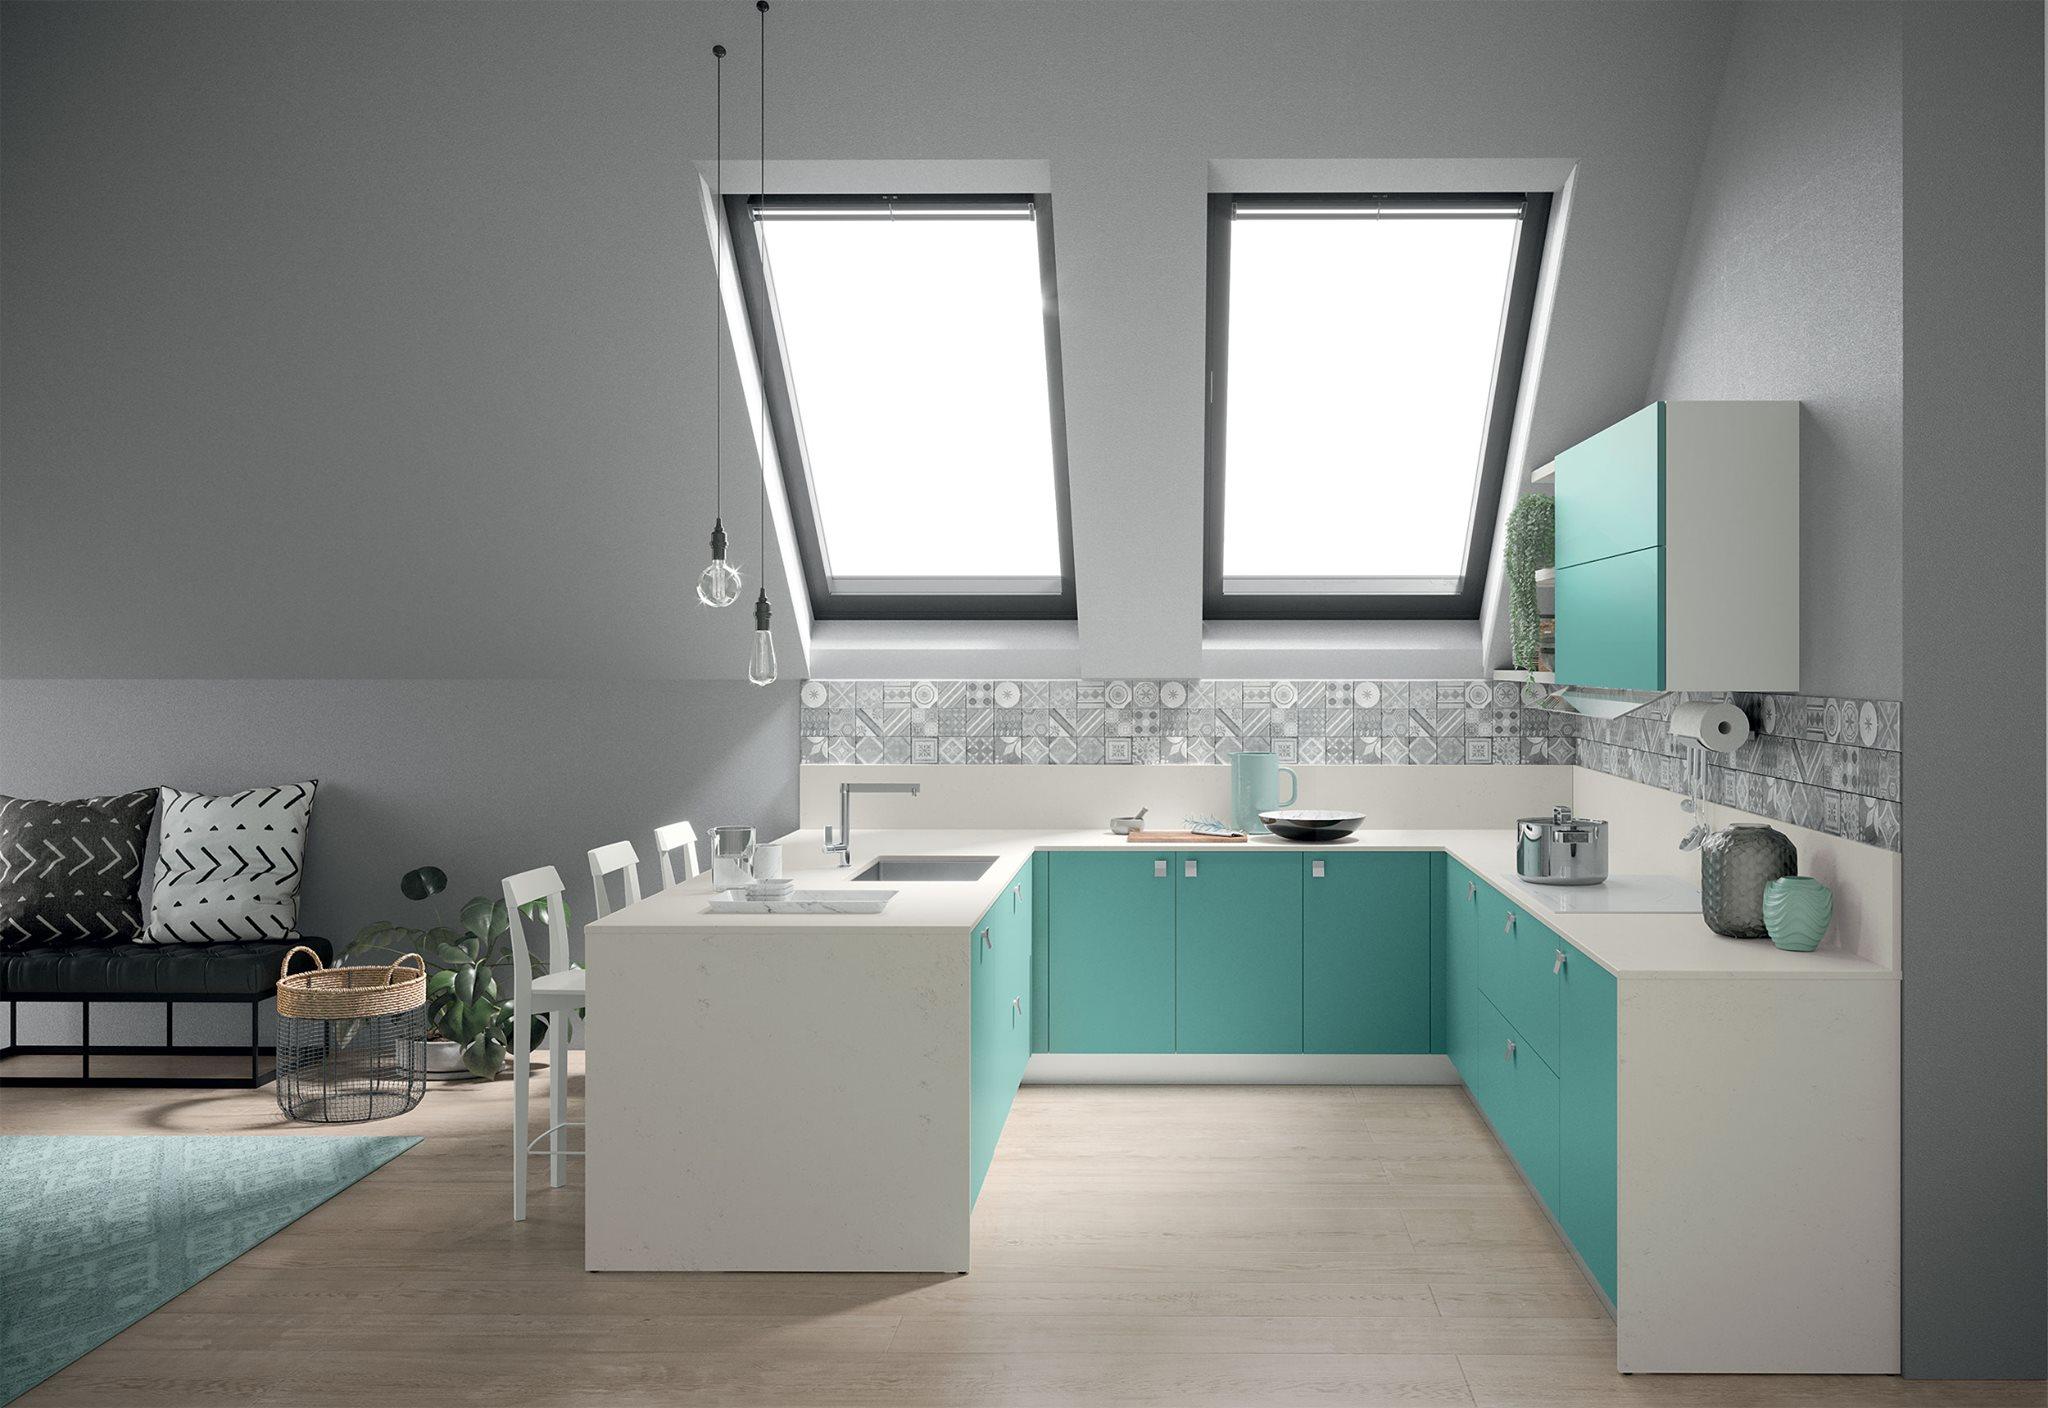 Κουζινα σε πρασινο του οκεανου και λευκο παγκο